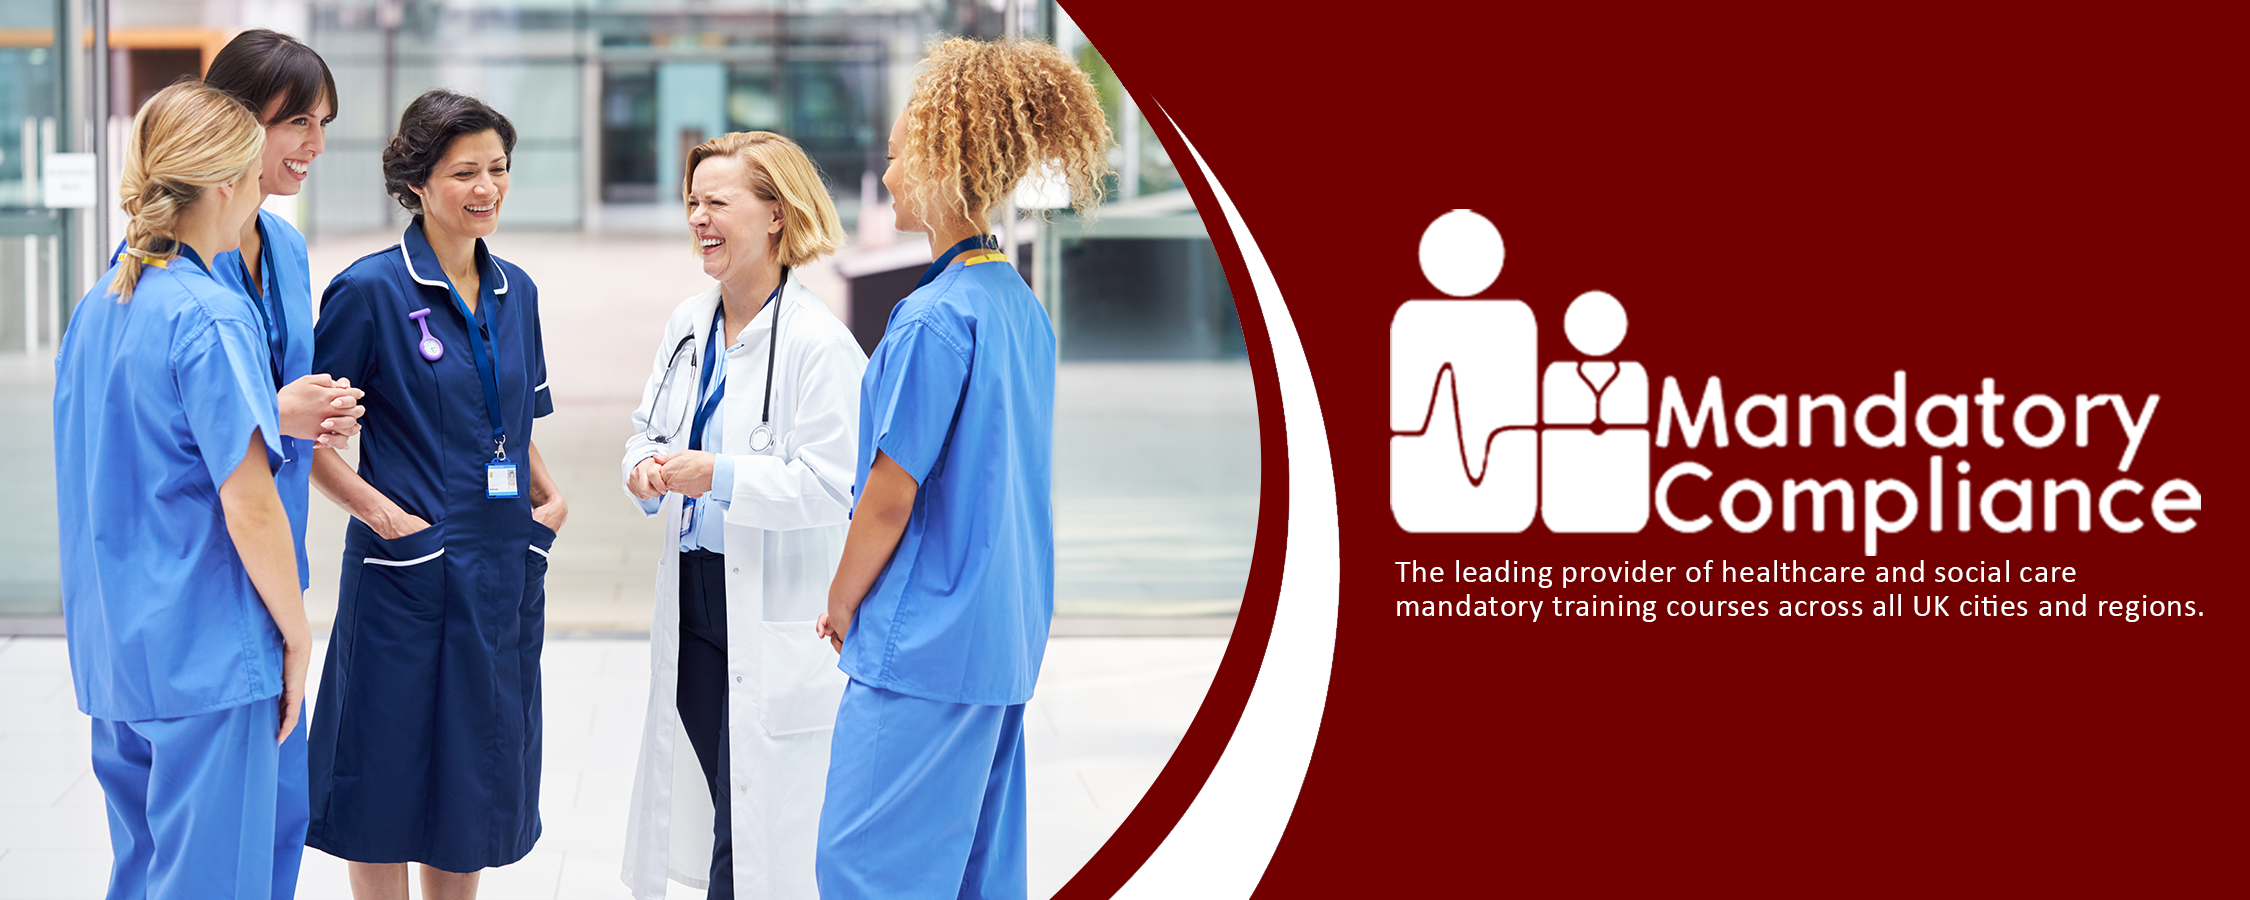 Mandatory and Statutory Training Courses - E-Learning Courses - Mandatory Compliance UK -